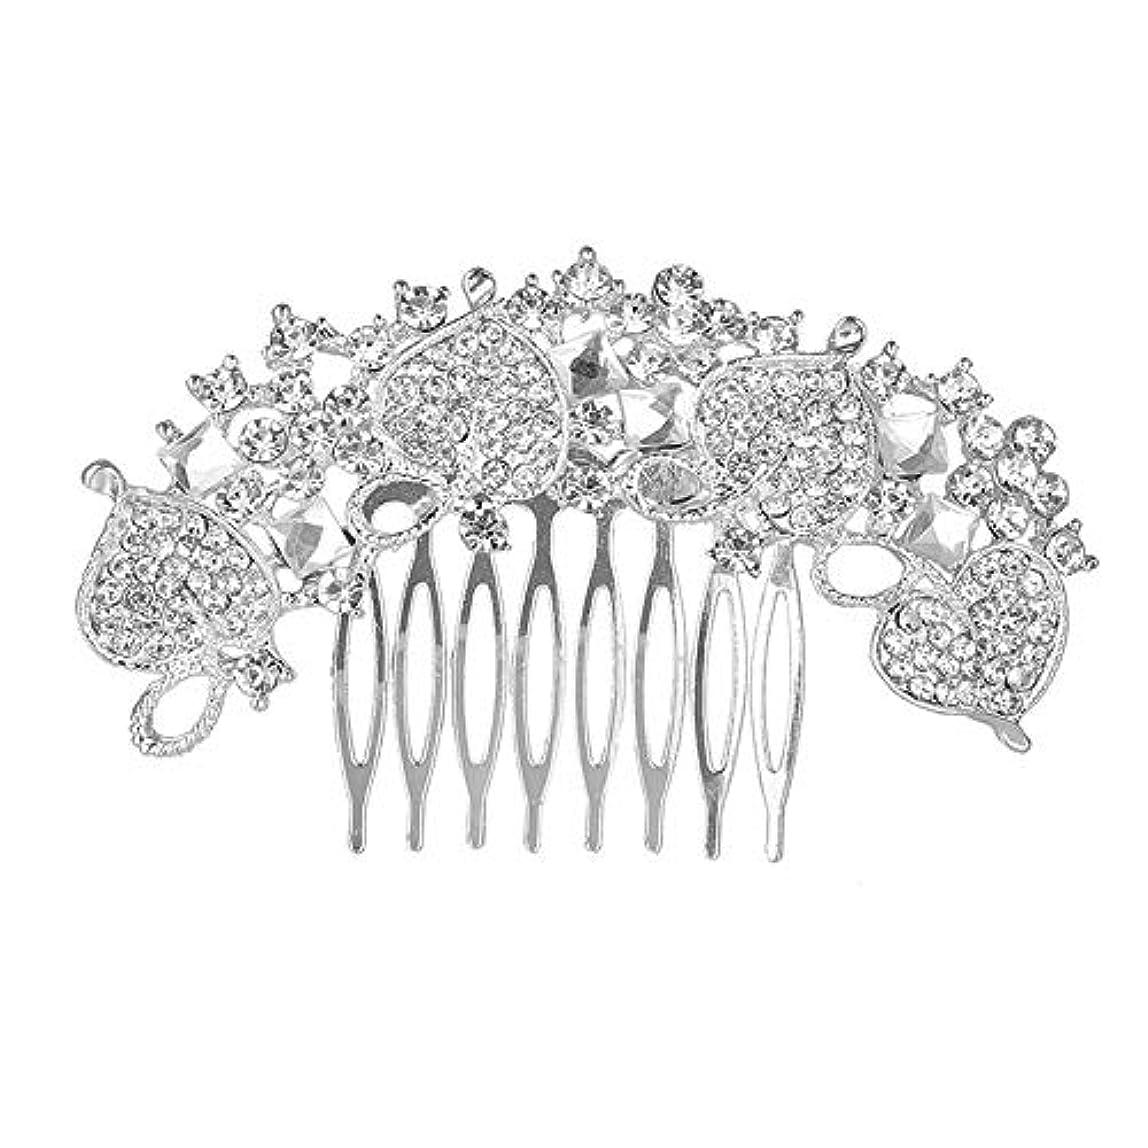 髪の櫛、櫛、花嫁の髪の櫛、クラウン髪の櫛、結婚式のアクセサリー、ラインストーンの髪の櫛、ブライダルヘアアクセサリー